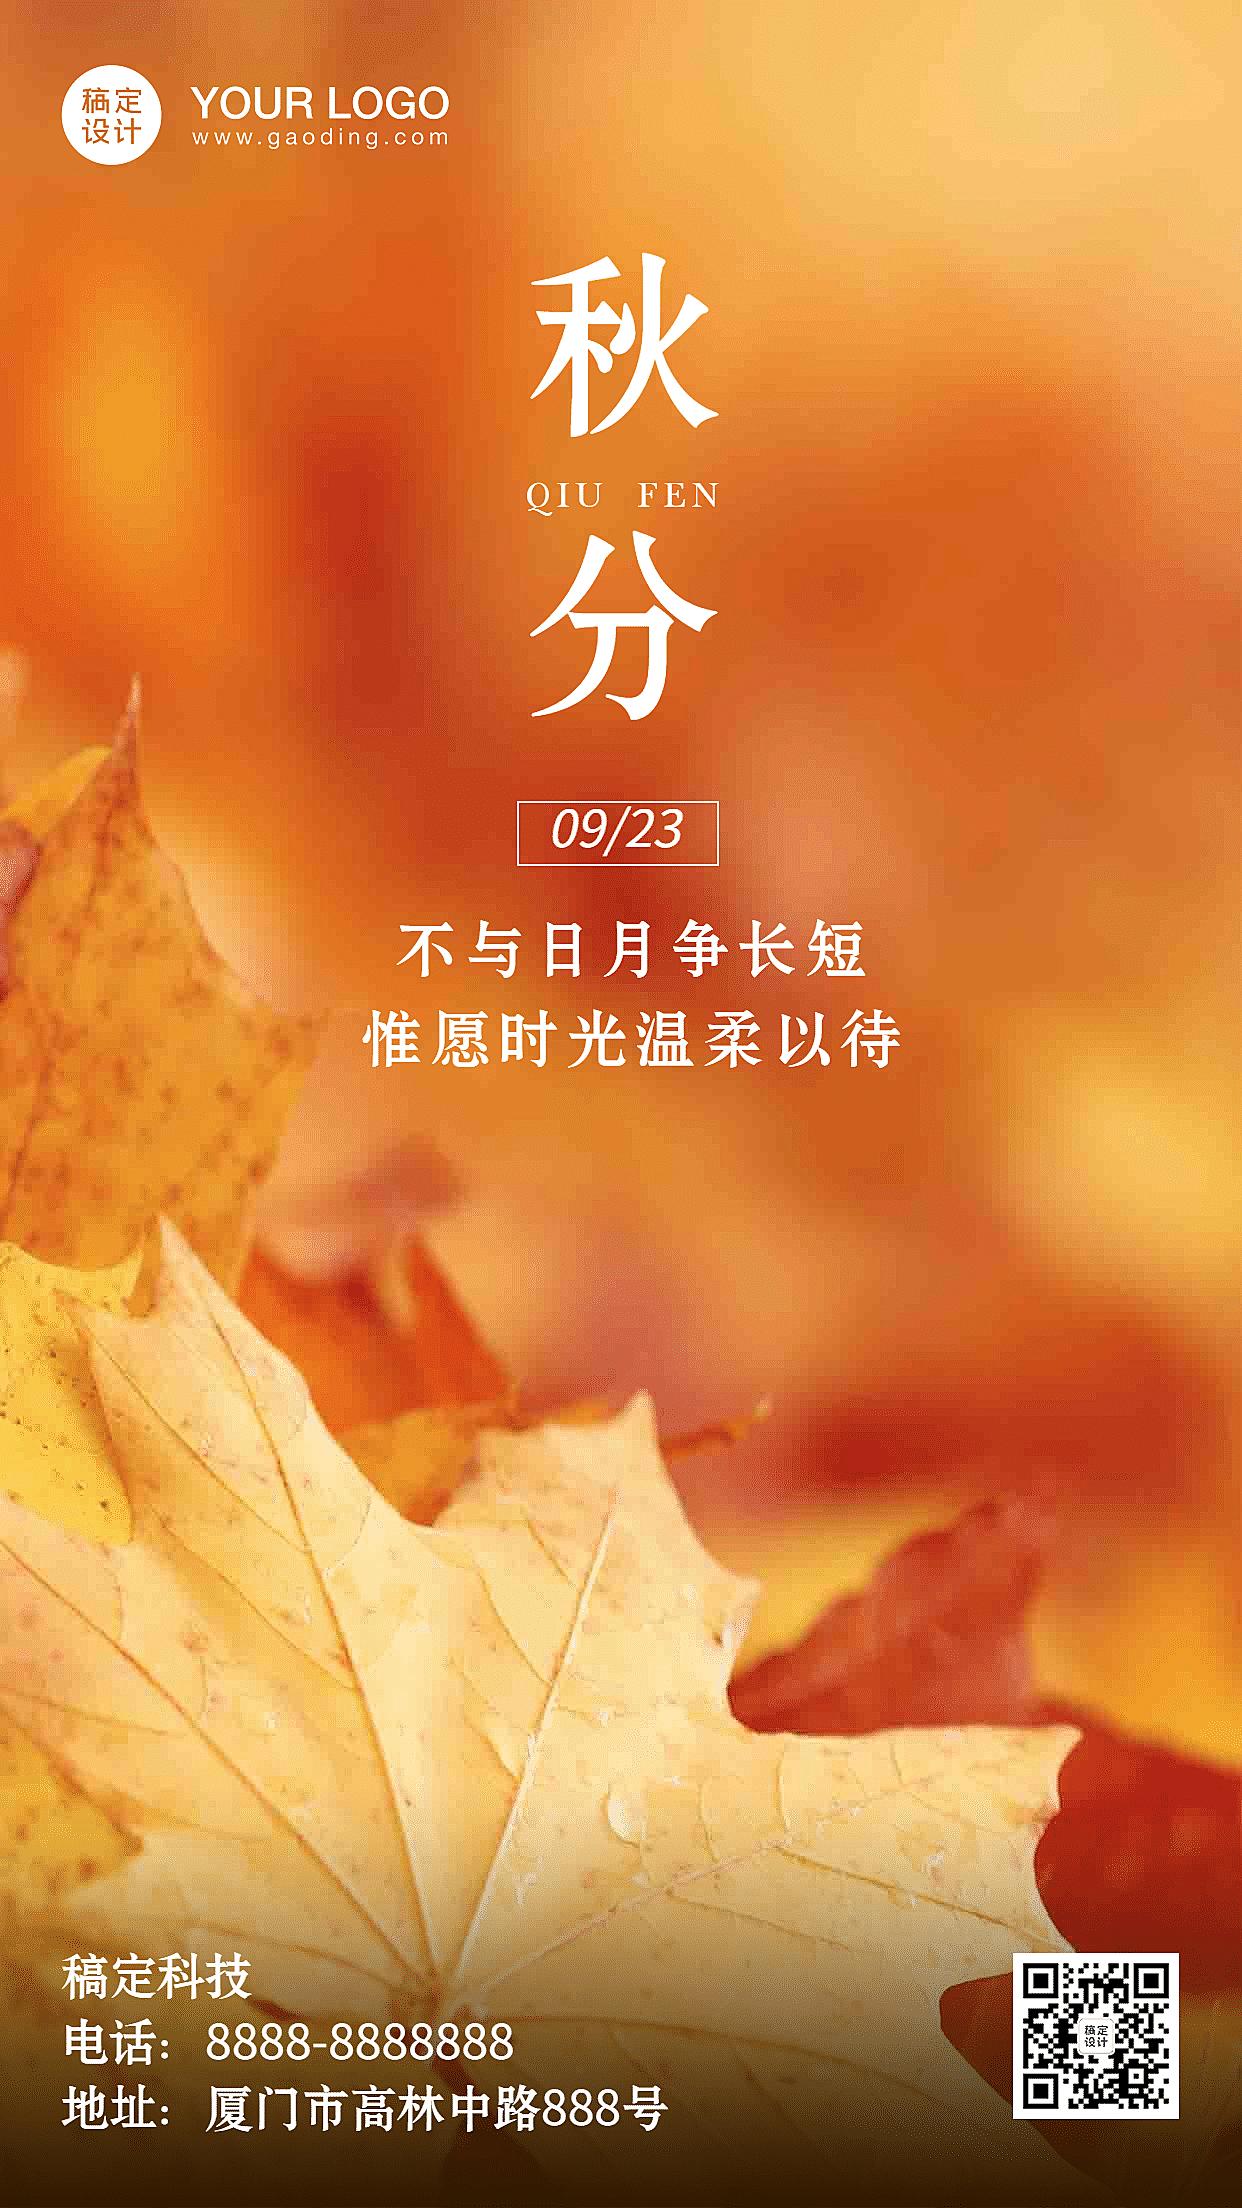 秋分节气秋天你好早安枫叶手机海报